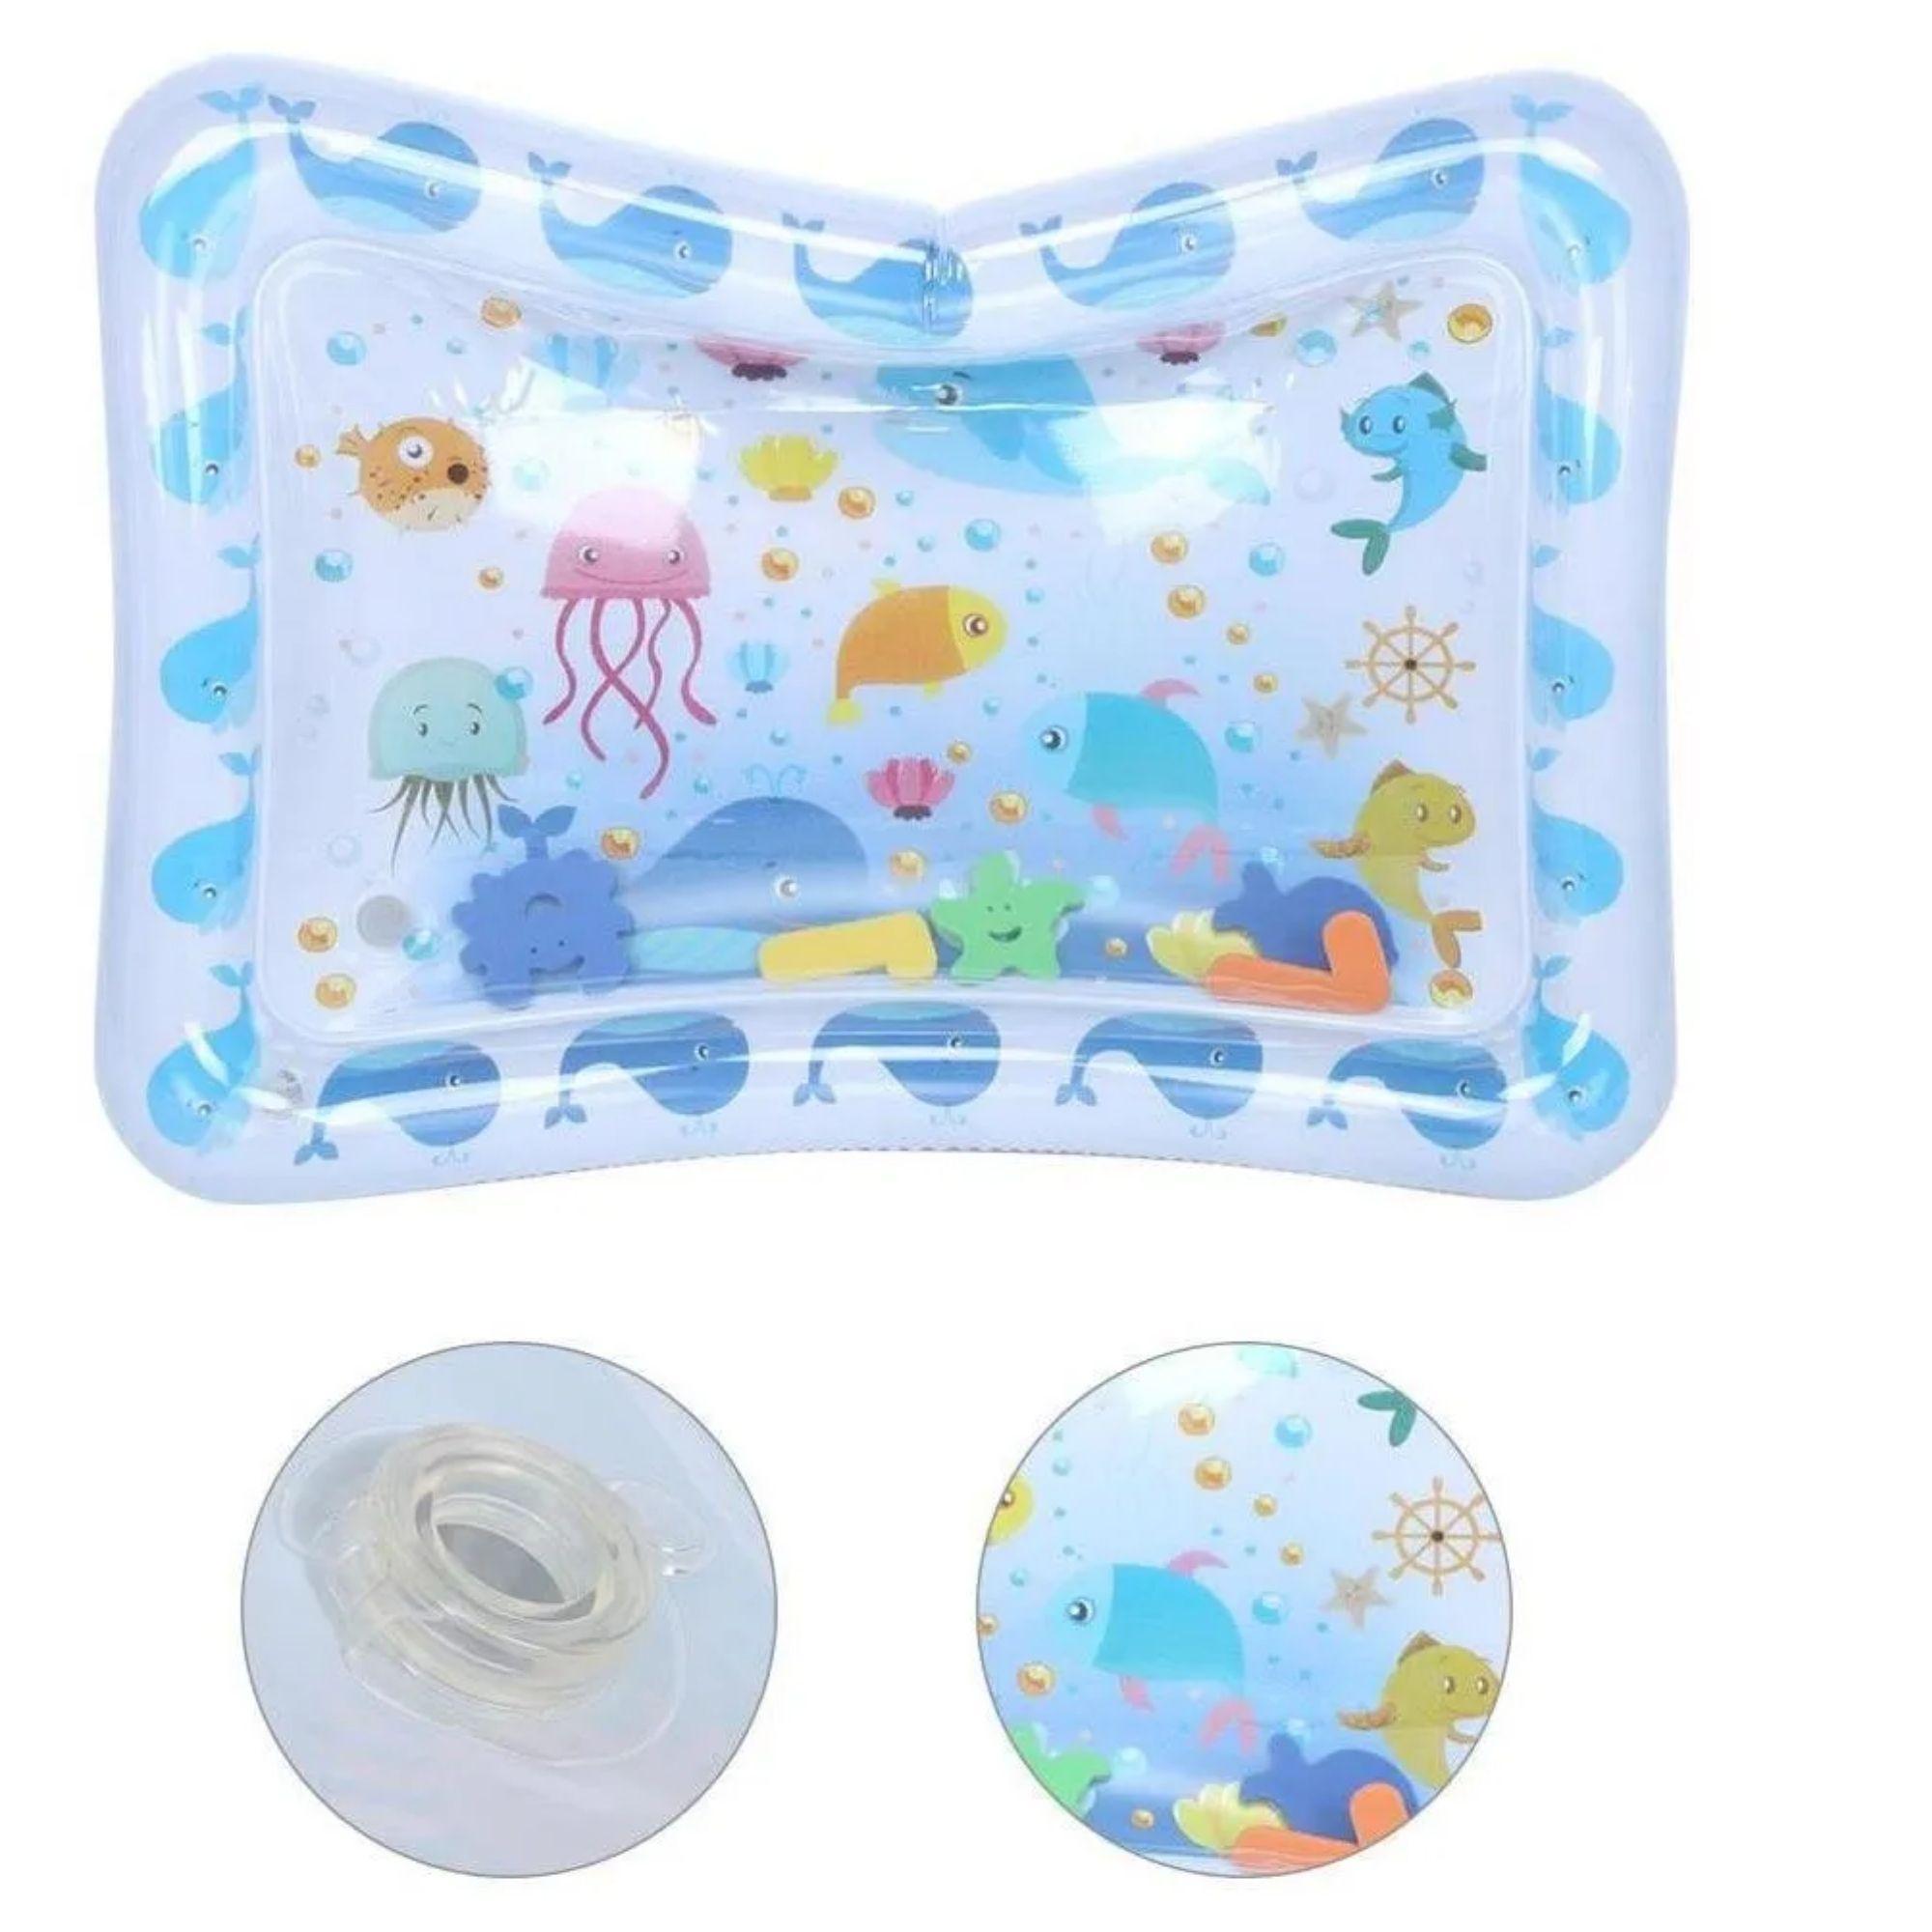 Tapete de Agua Inflável para Bebê Almofada com Atividades Infantil  - Game Land Brinquedos